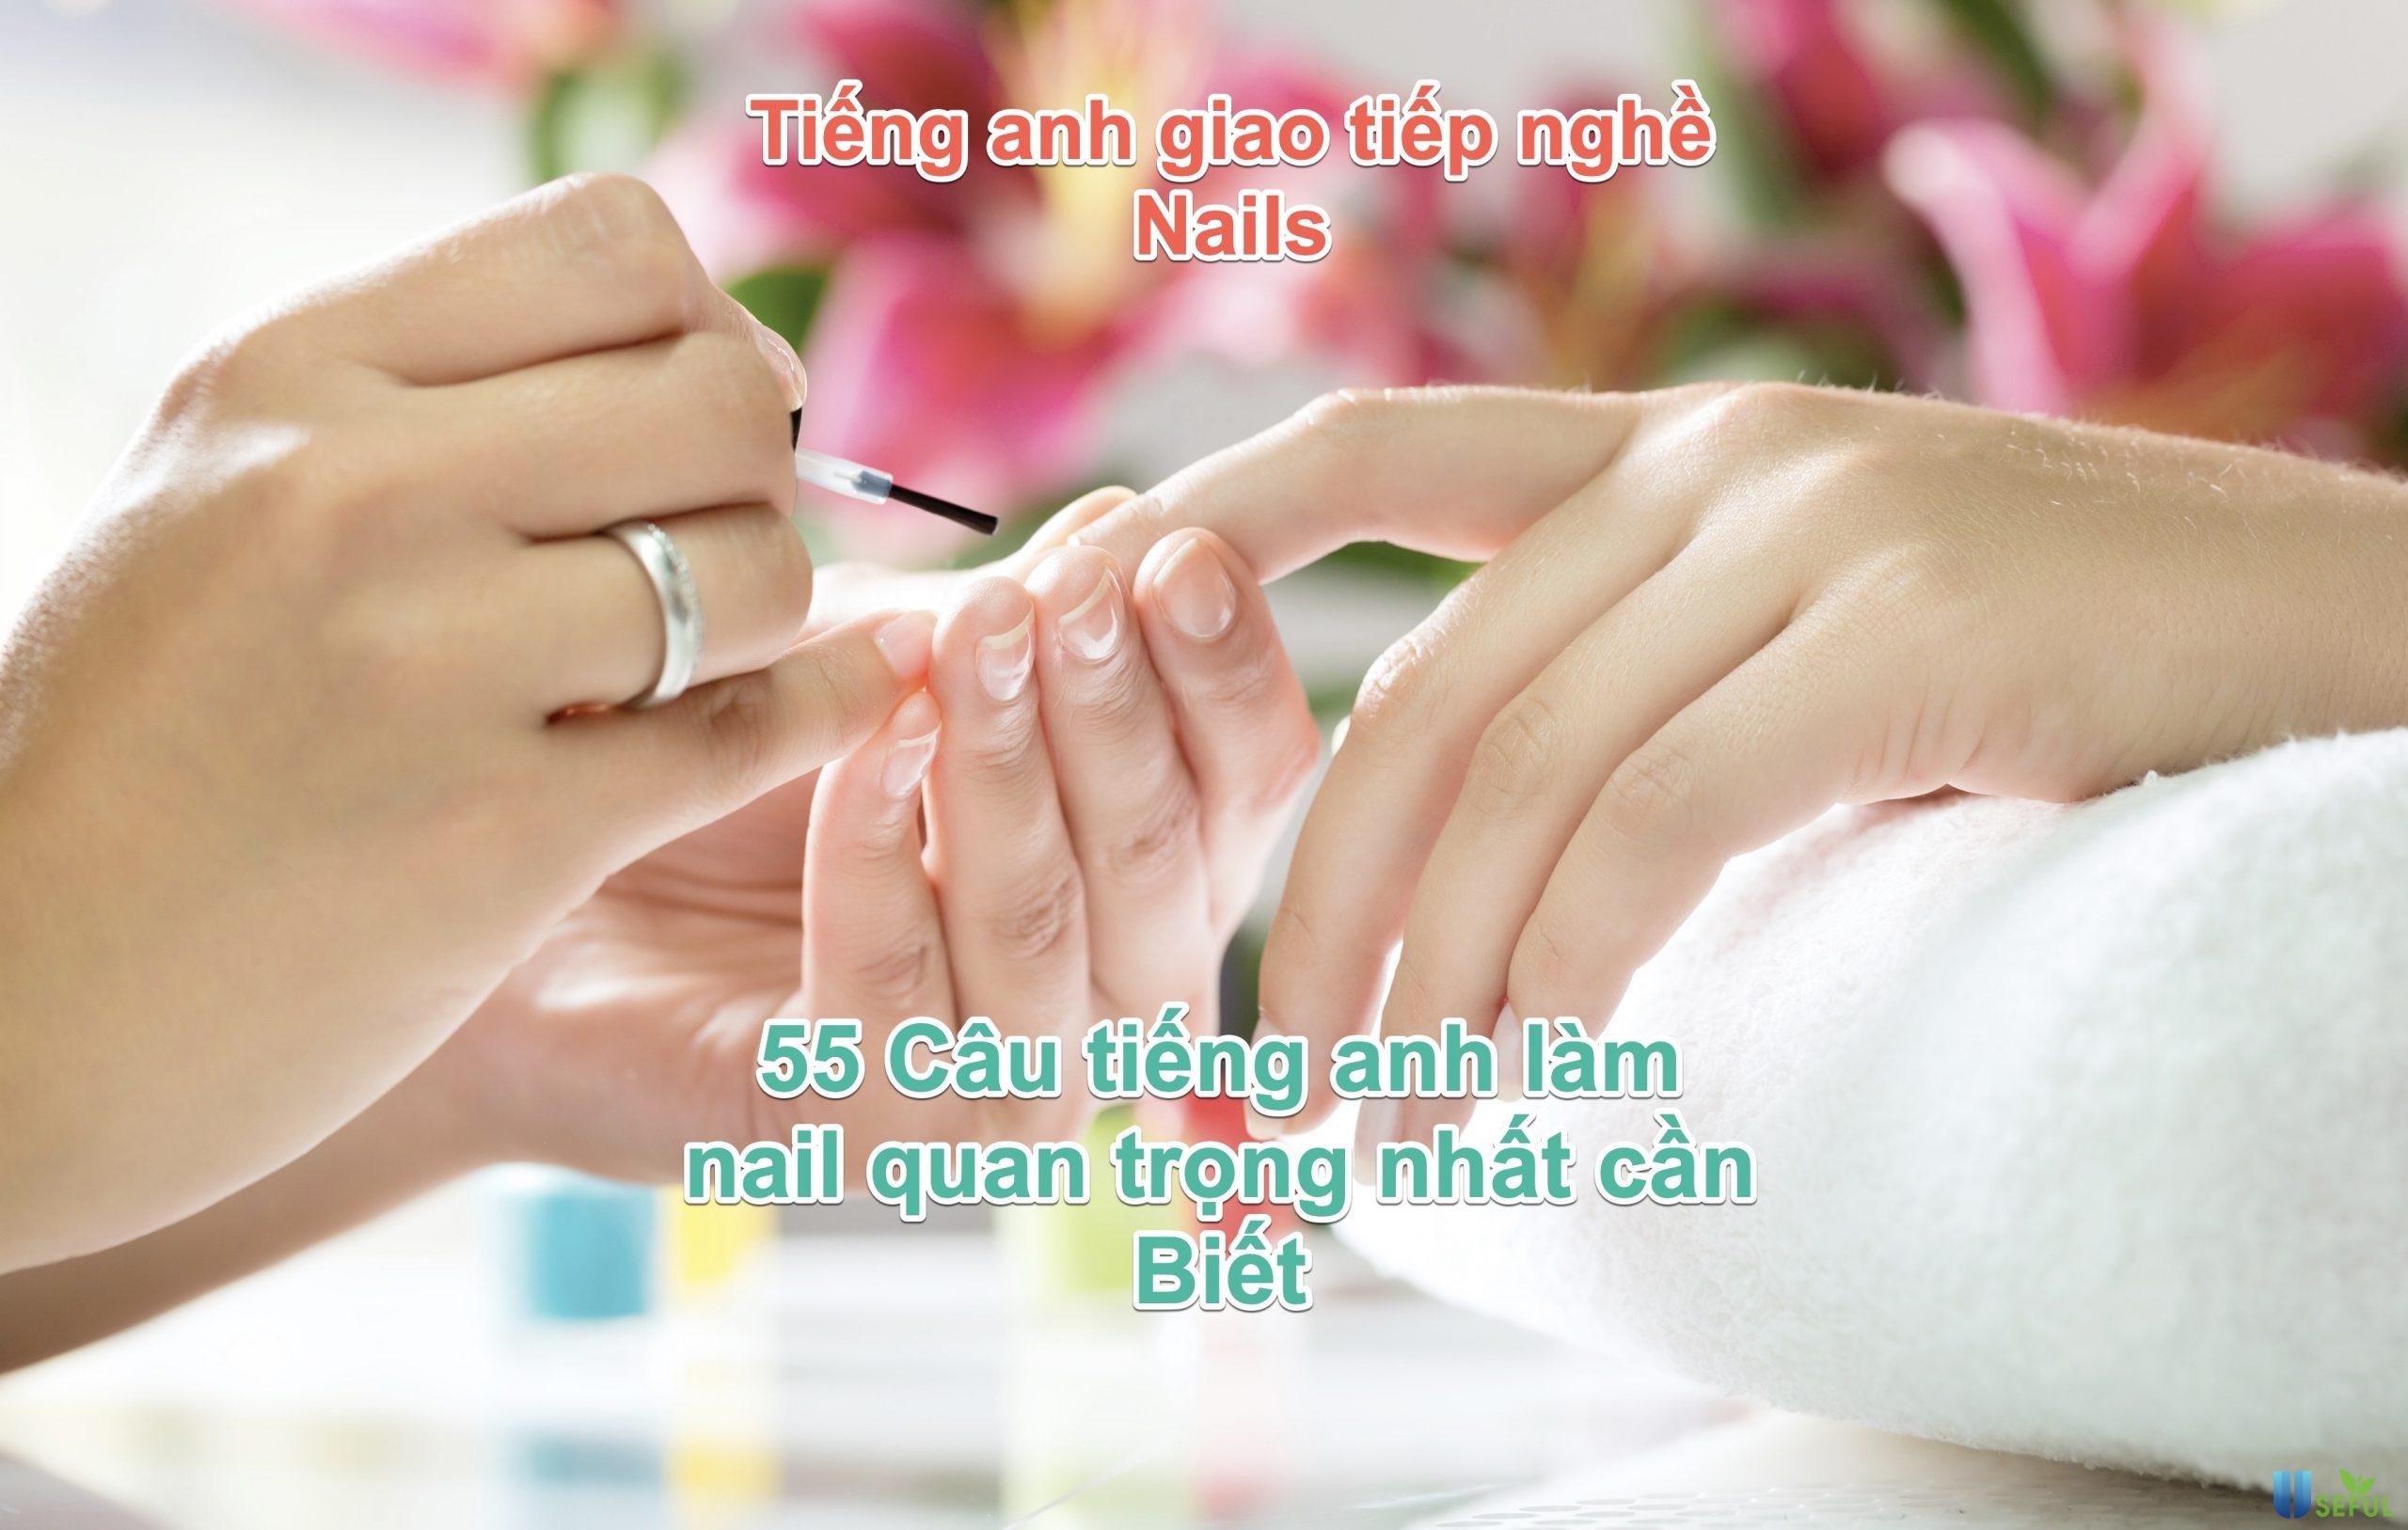 tiếng anh nghề nails